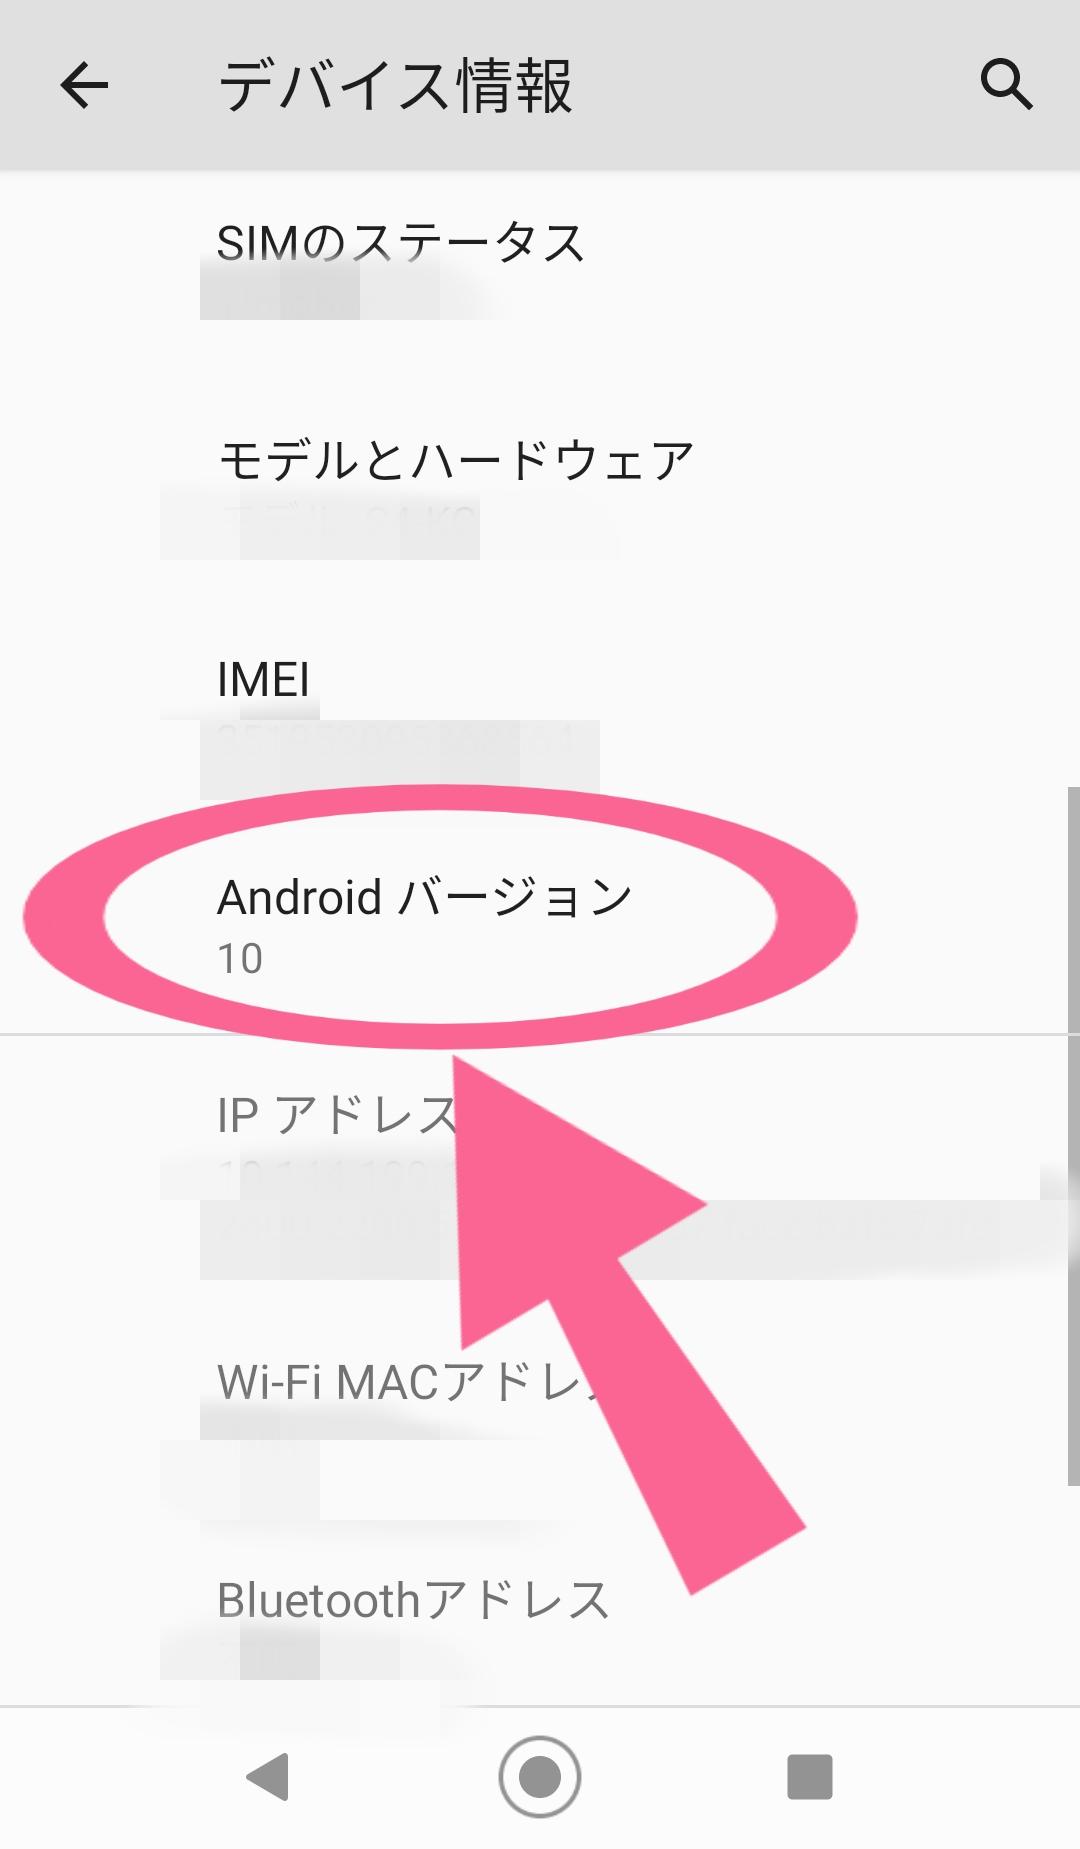 スマホ Android 設定 Androidバージョン 開く